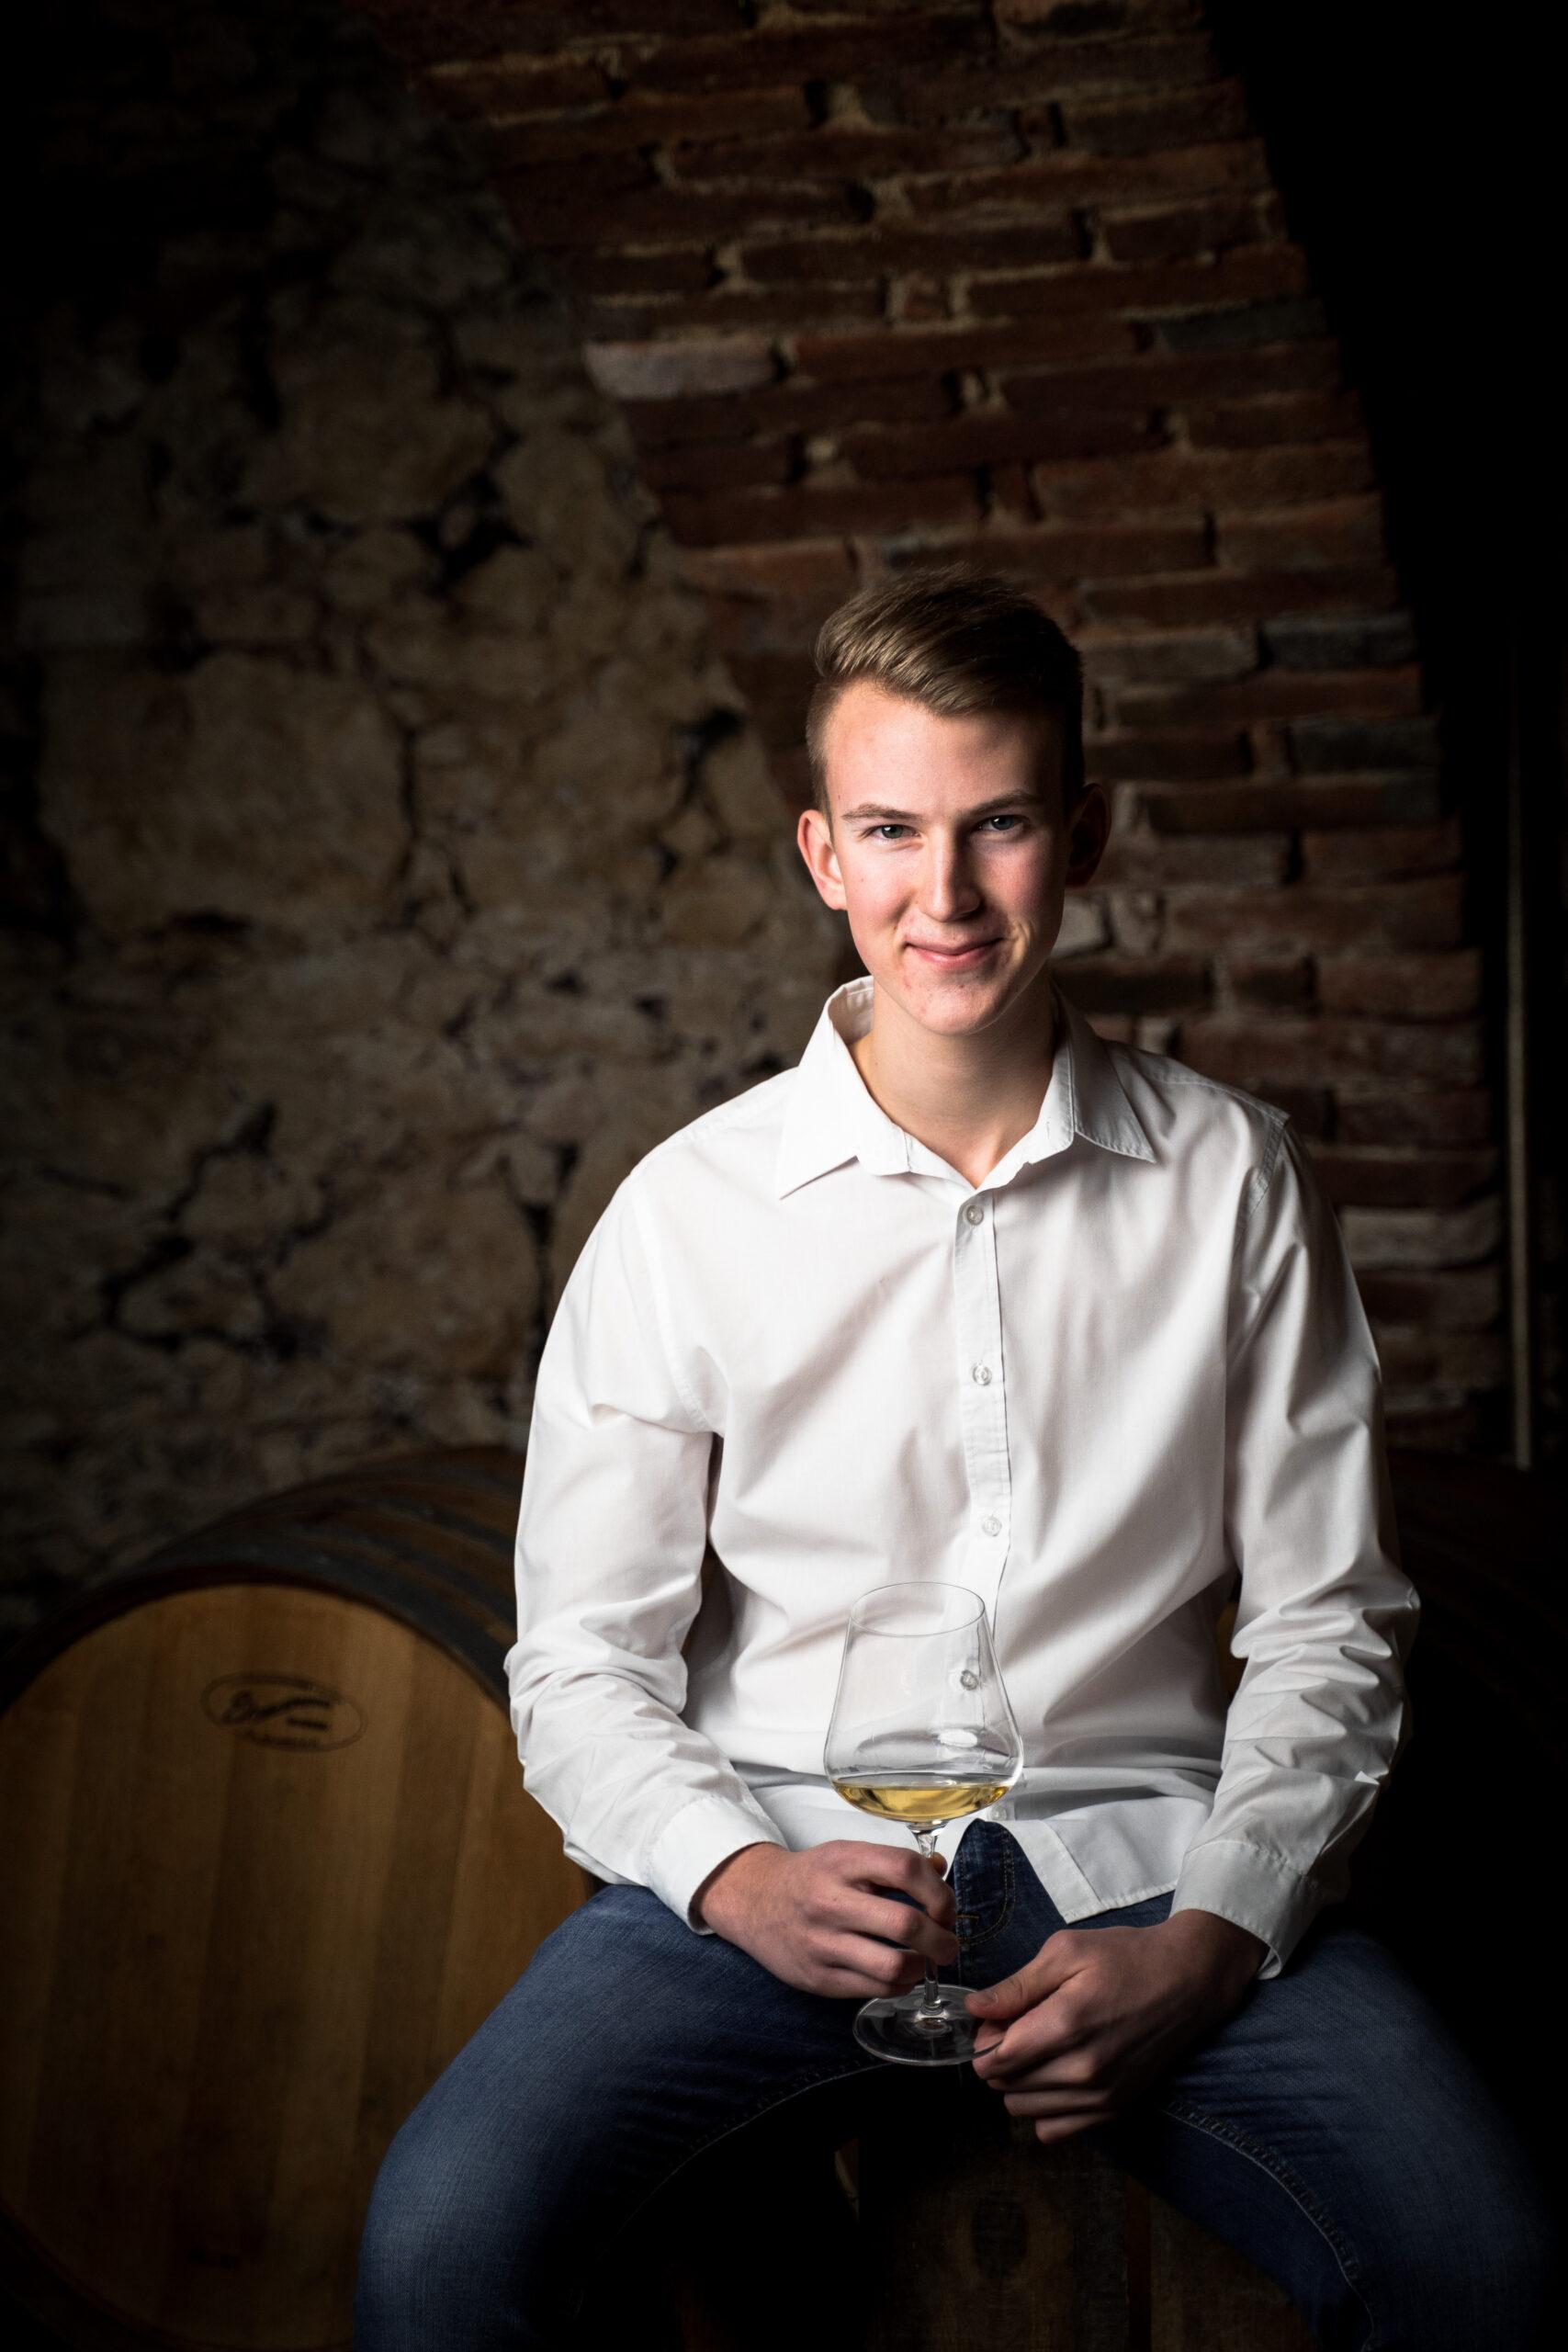 Matthias_Strauß